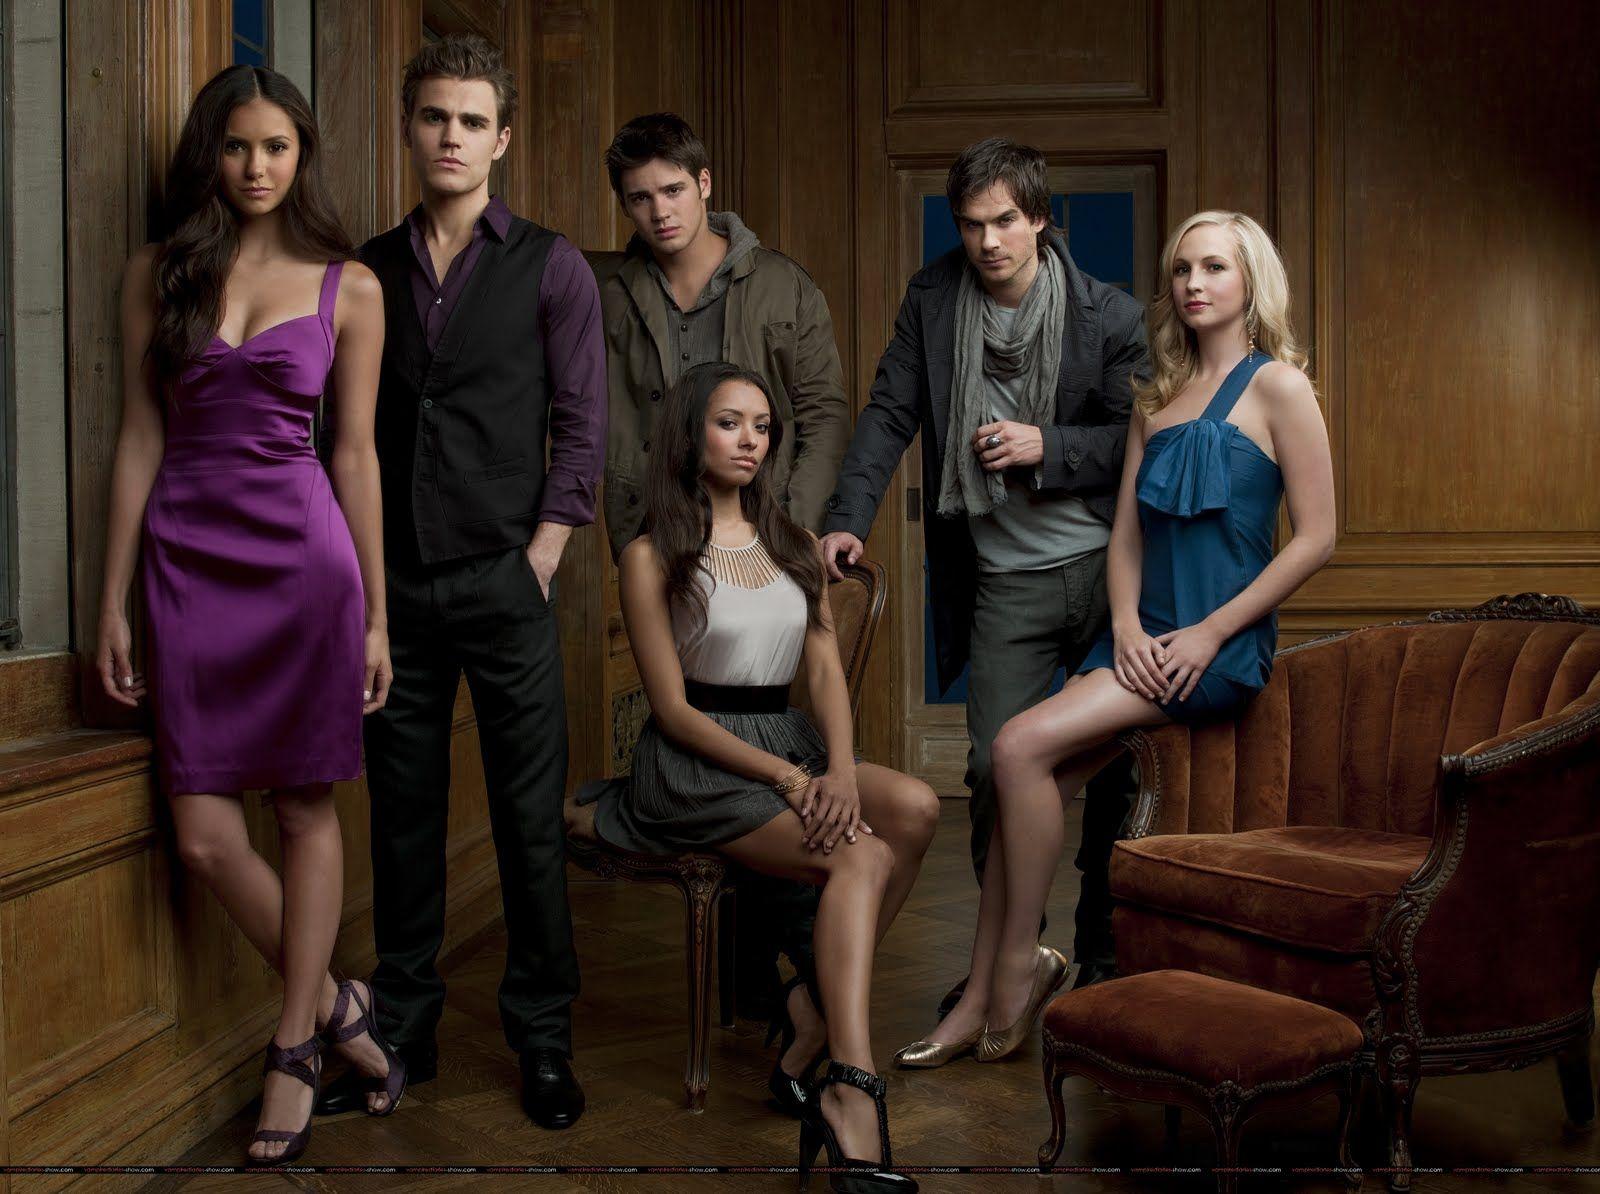 Pin by 🐳 on The Vampire Diaries | Vampire diaries seasons, Vampire